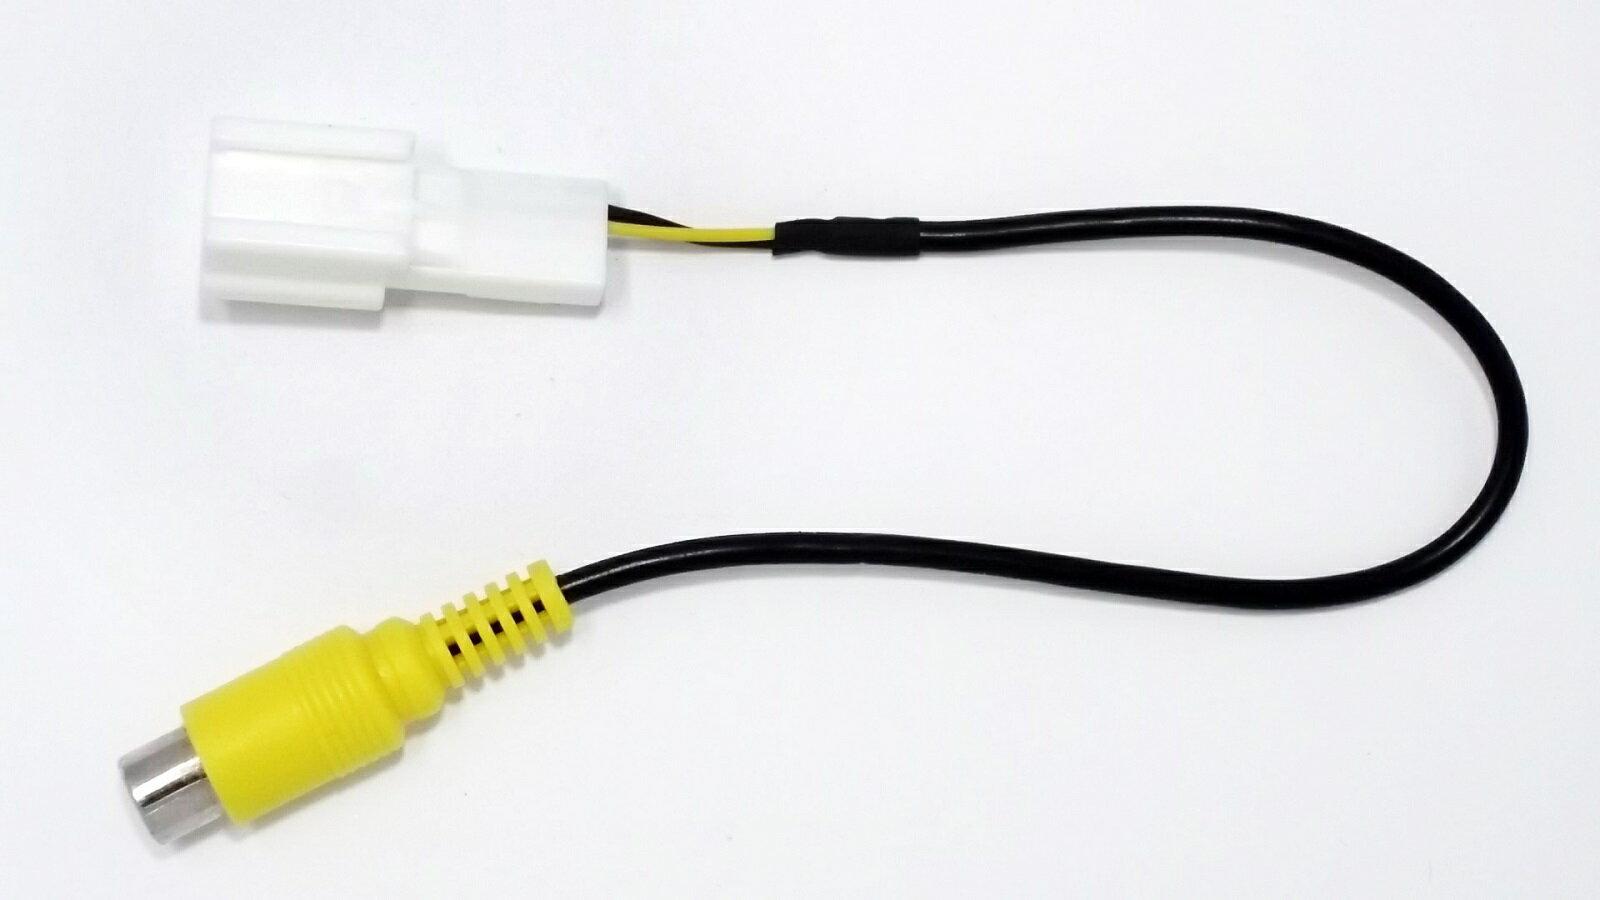 ニッサン MM113D-A バックカメラ接続ケーブルの商品画像